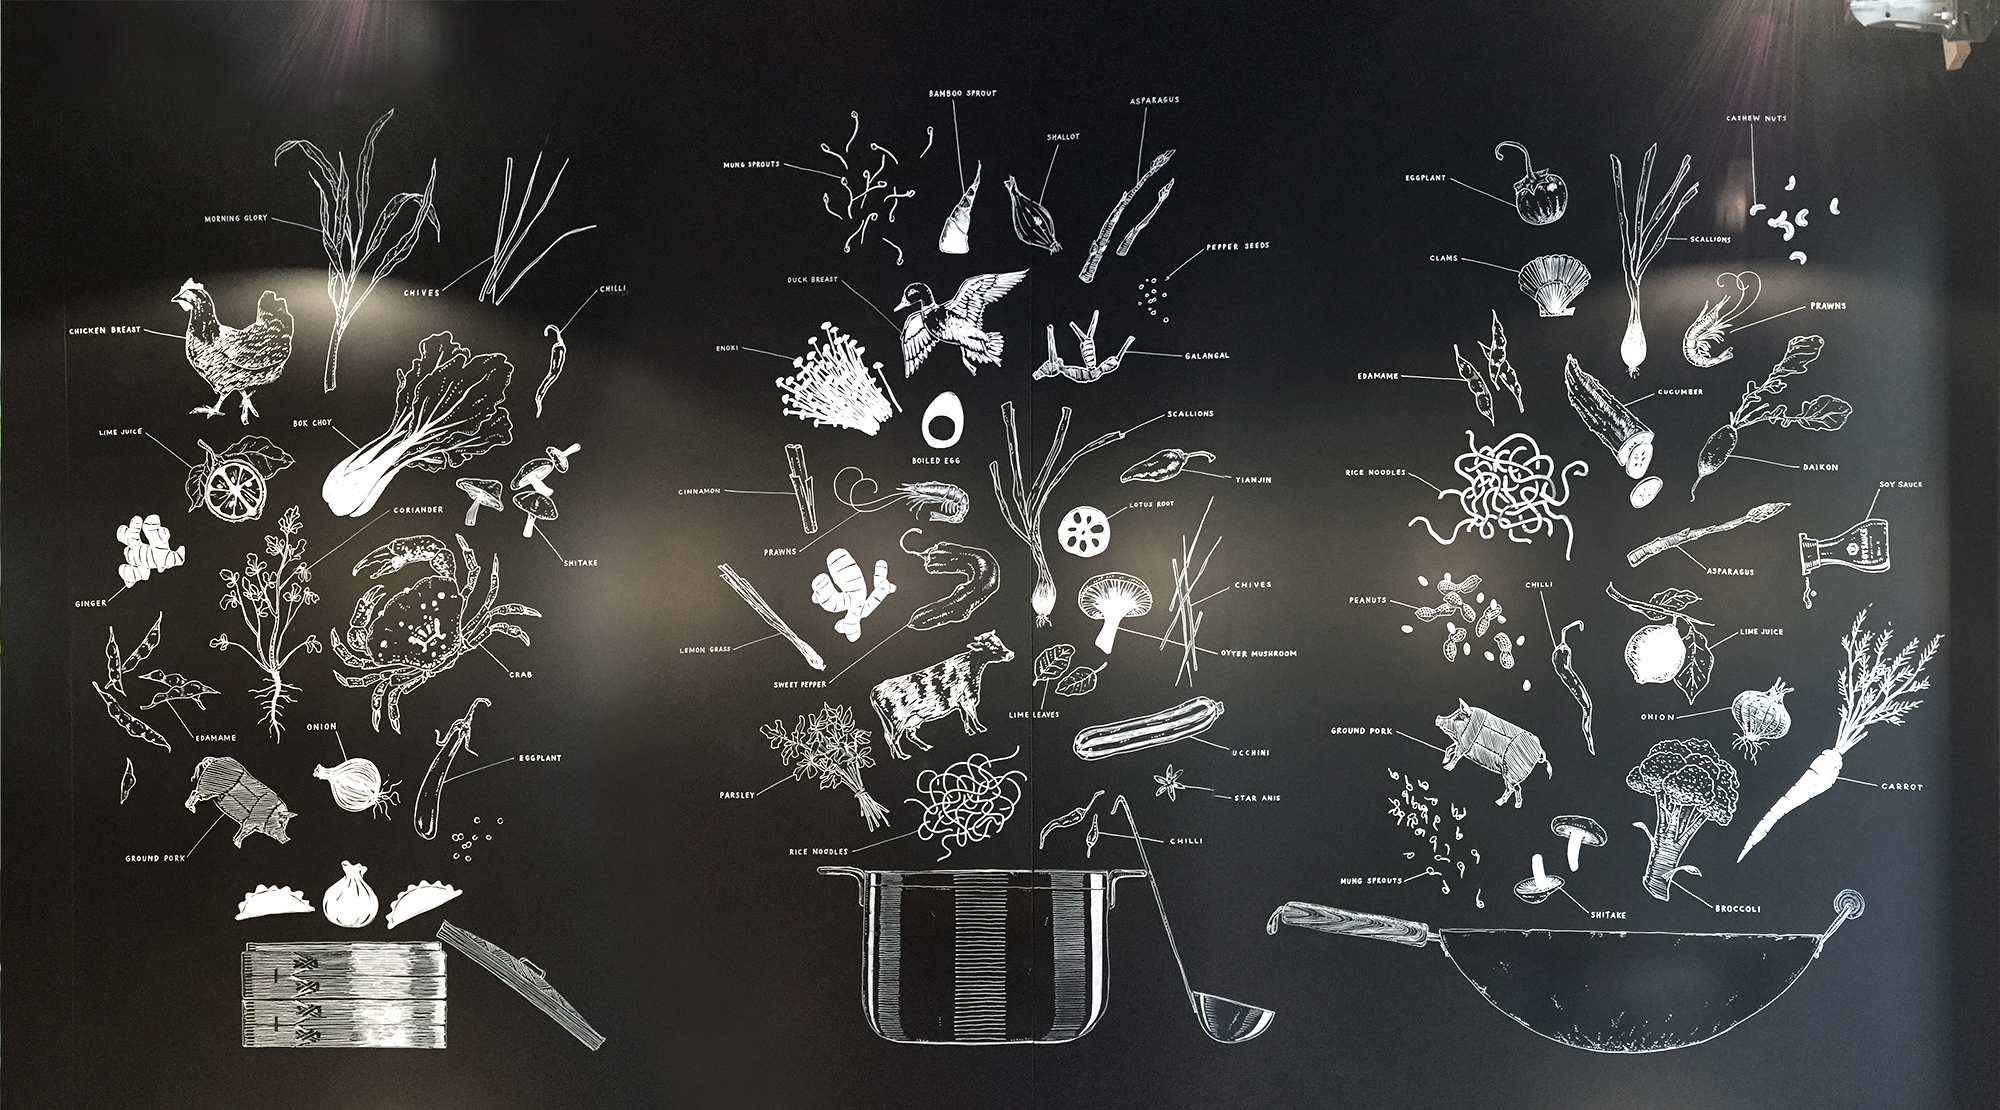 Suan Long Restaurant, Wandbeschriftung, Wok, food explosions, mural Schriftenmalerei, Wandbeschriftung, Aussenbeschriftung, hand gemalt, Tafelbeschriftung, Tafelmaler